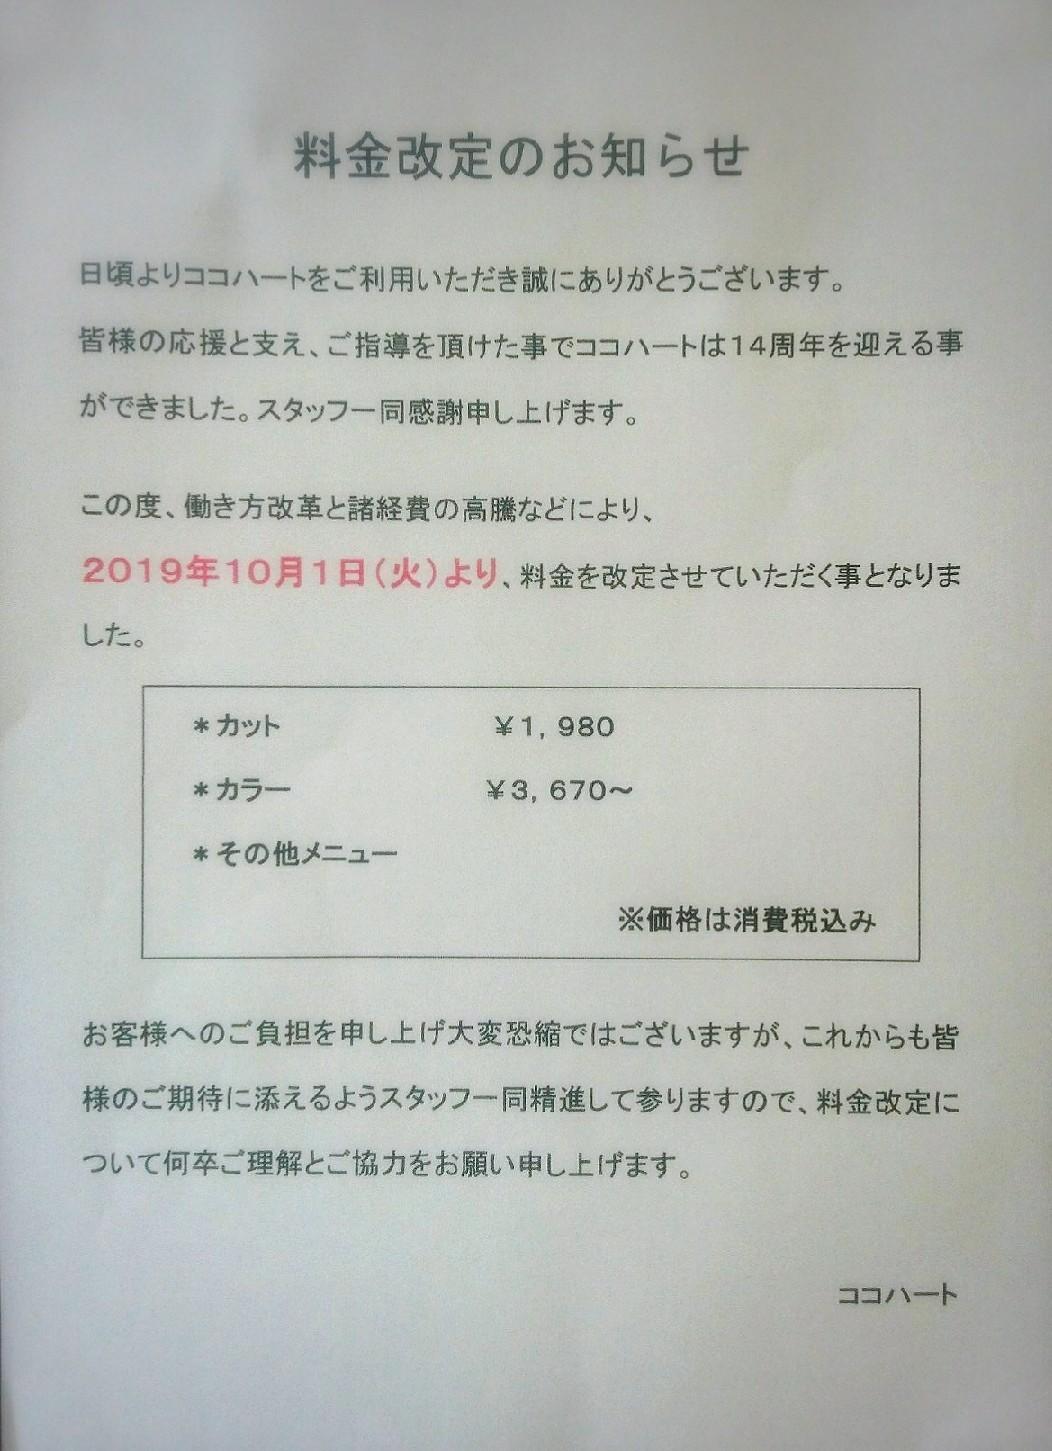 料金改定の お知らせ_b0211088_22565613.jpg